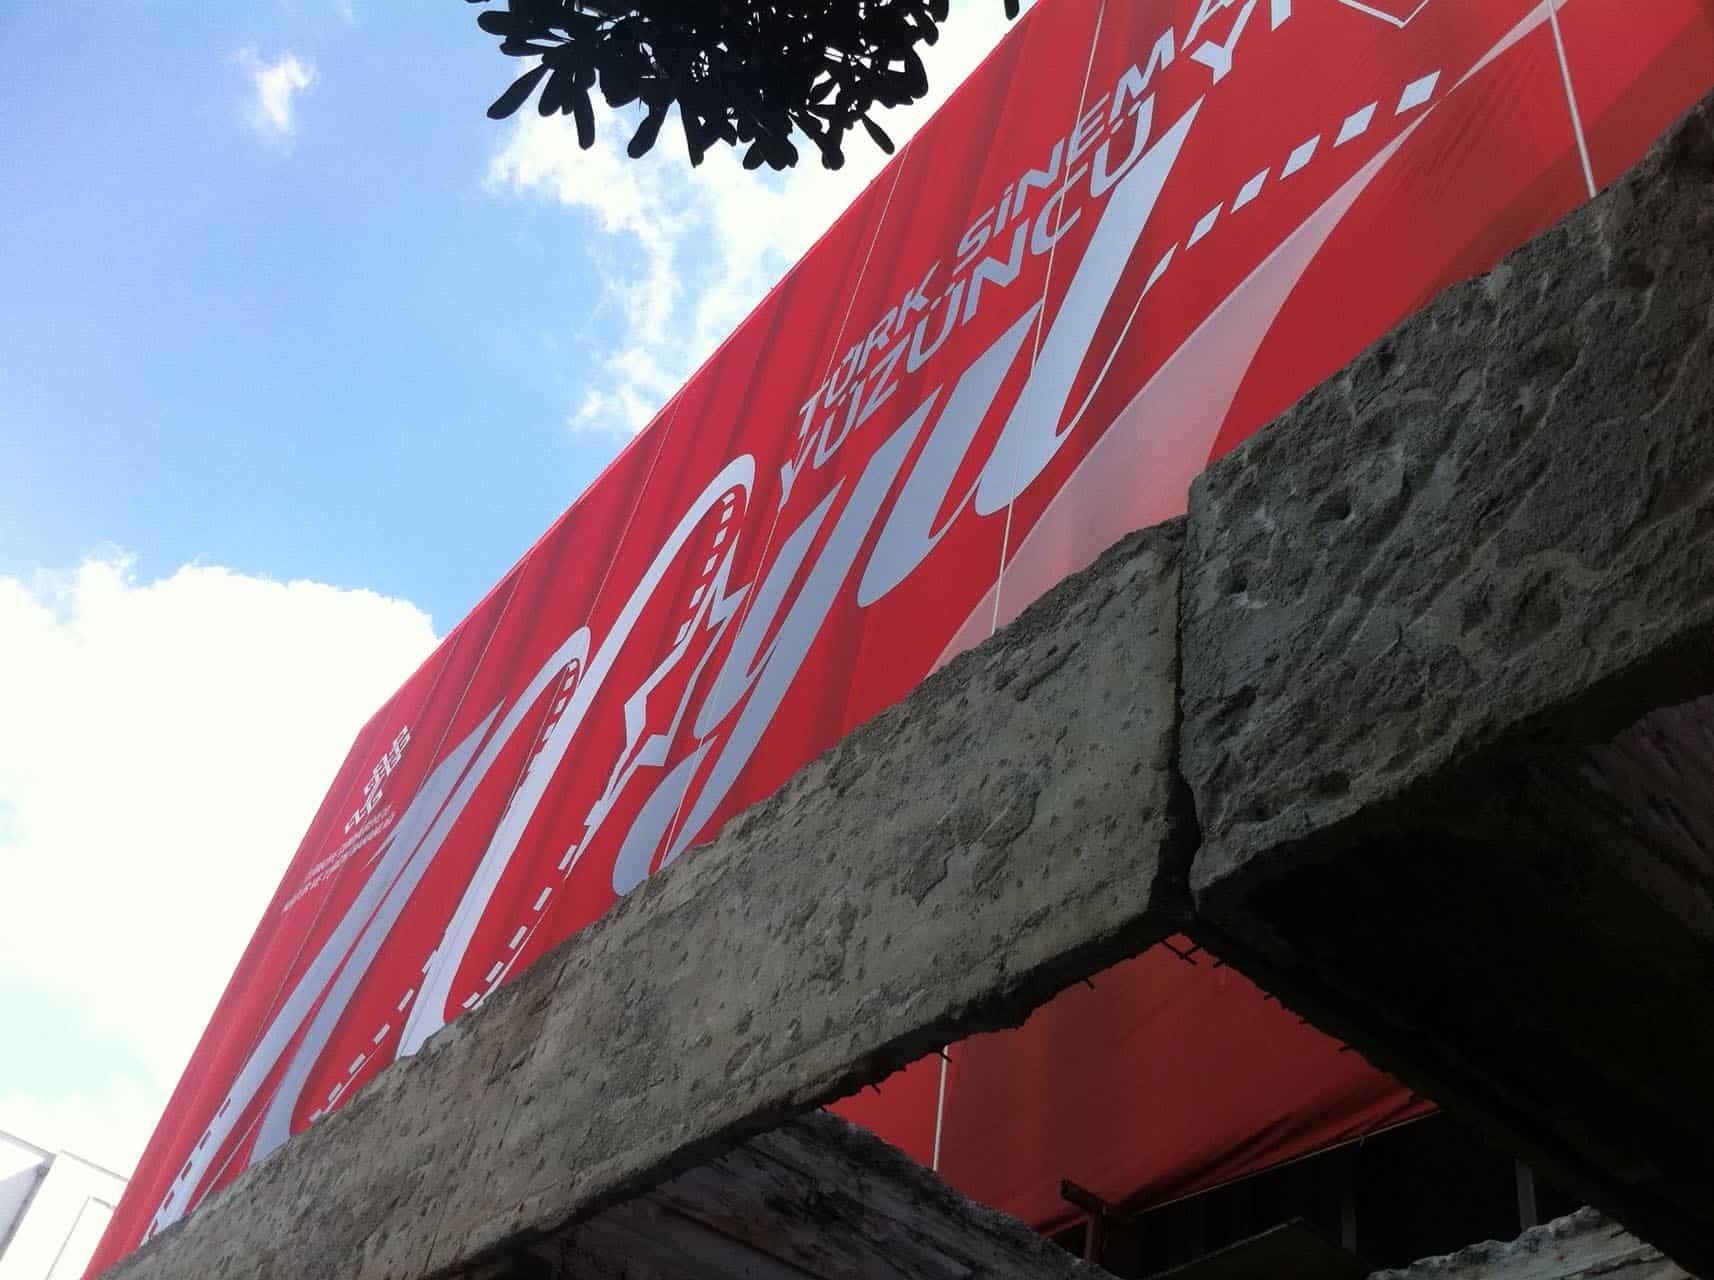 istanbul taksim ataturk kultur merkezi bina giydirme20 - İstanbul Taksim AKM Binası Giydirme